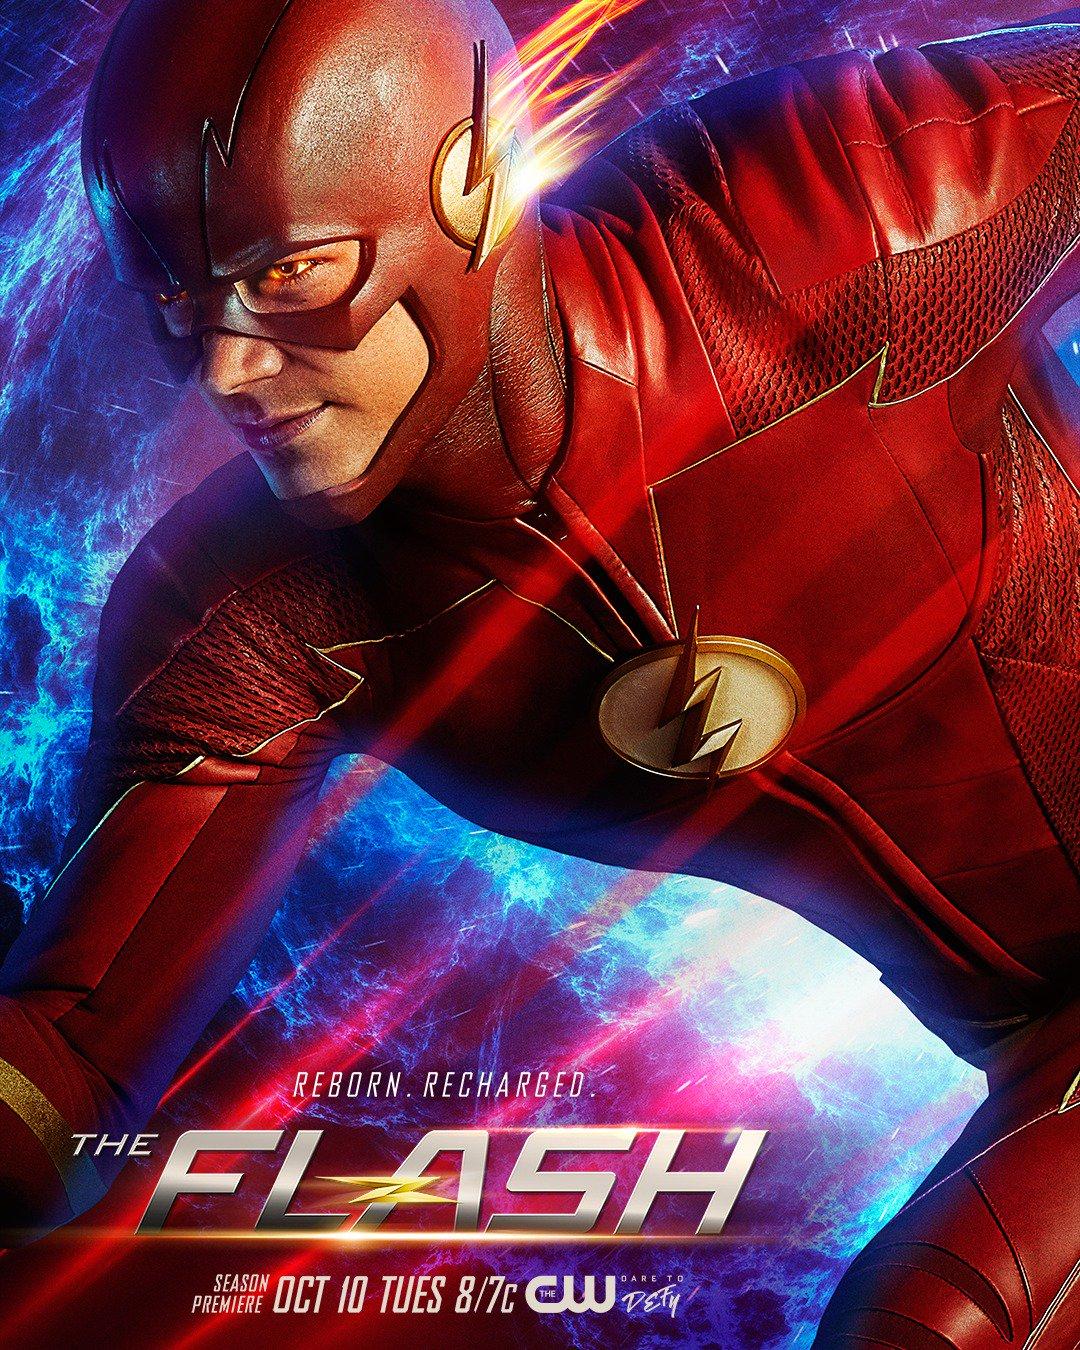 The.Flash.2014.S04E15.Eine.Frage.der.Zeit.GERMAN.1080p.HDTV.x264.READ.NFO-MDGP